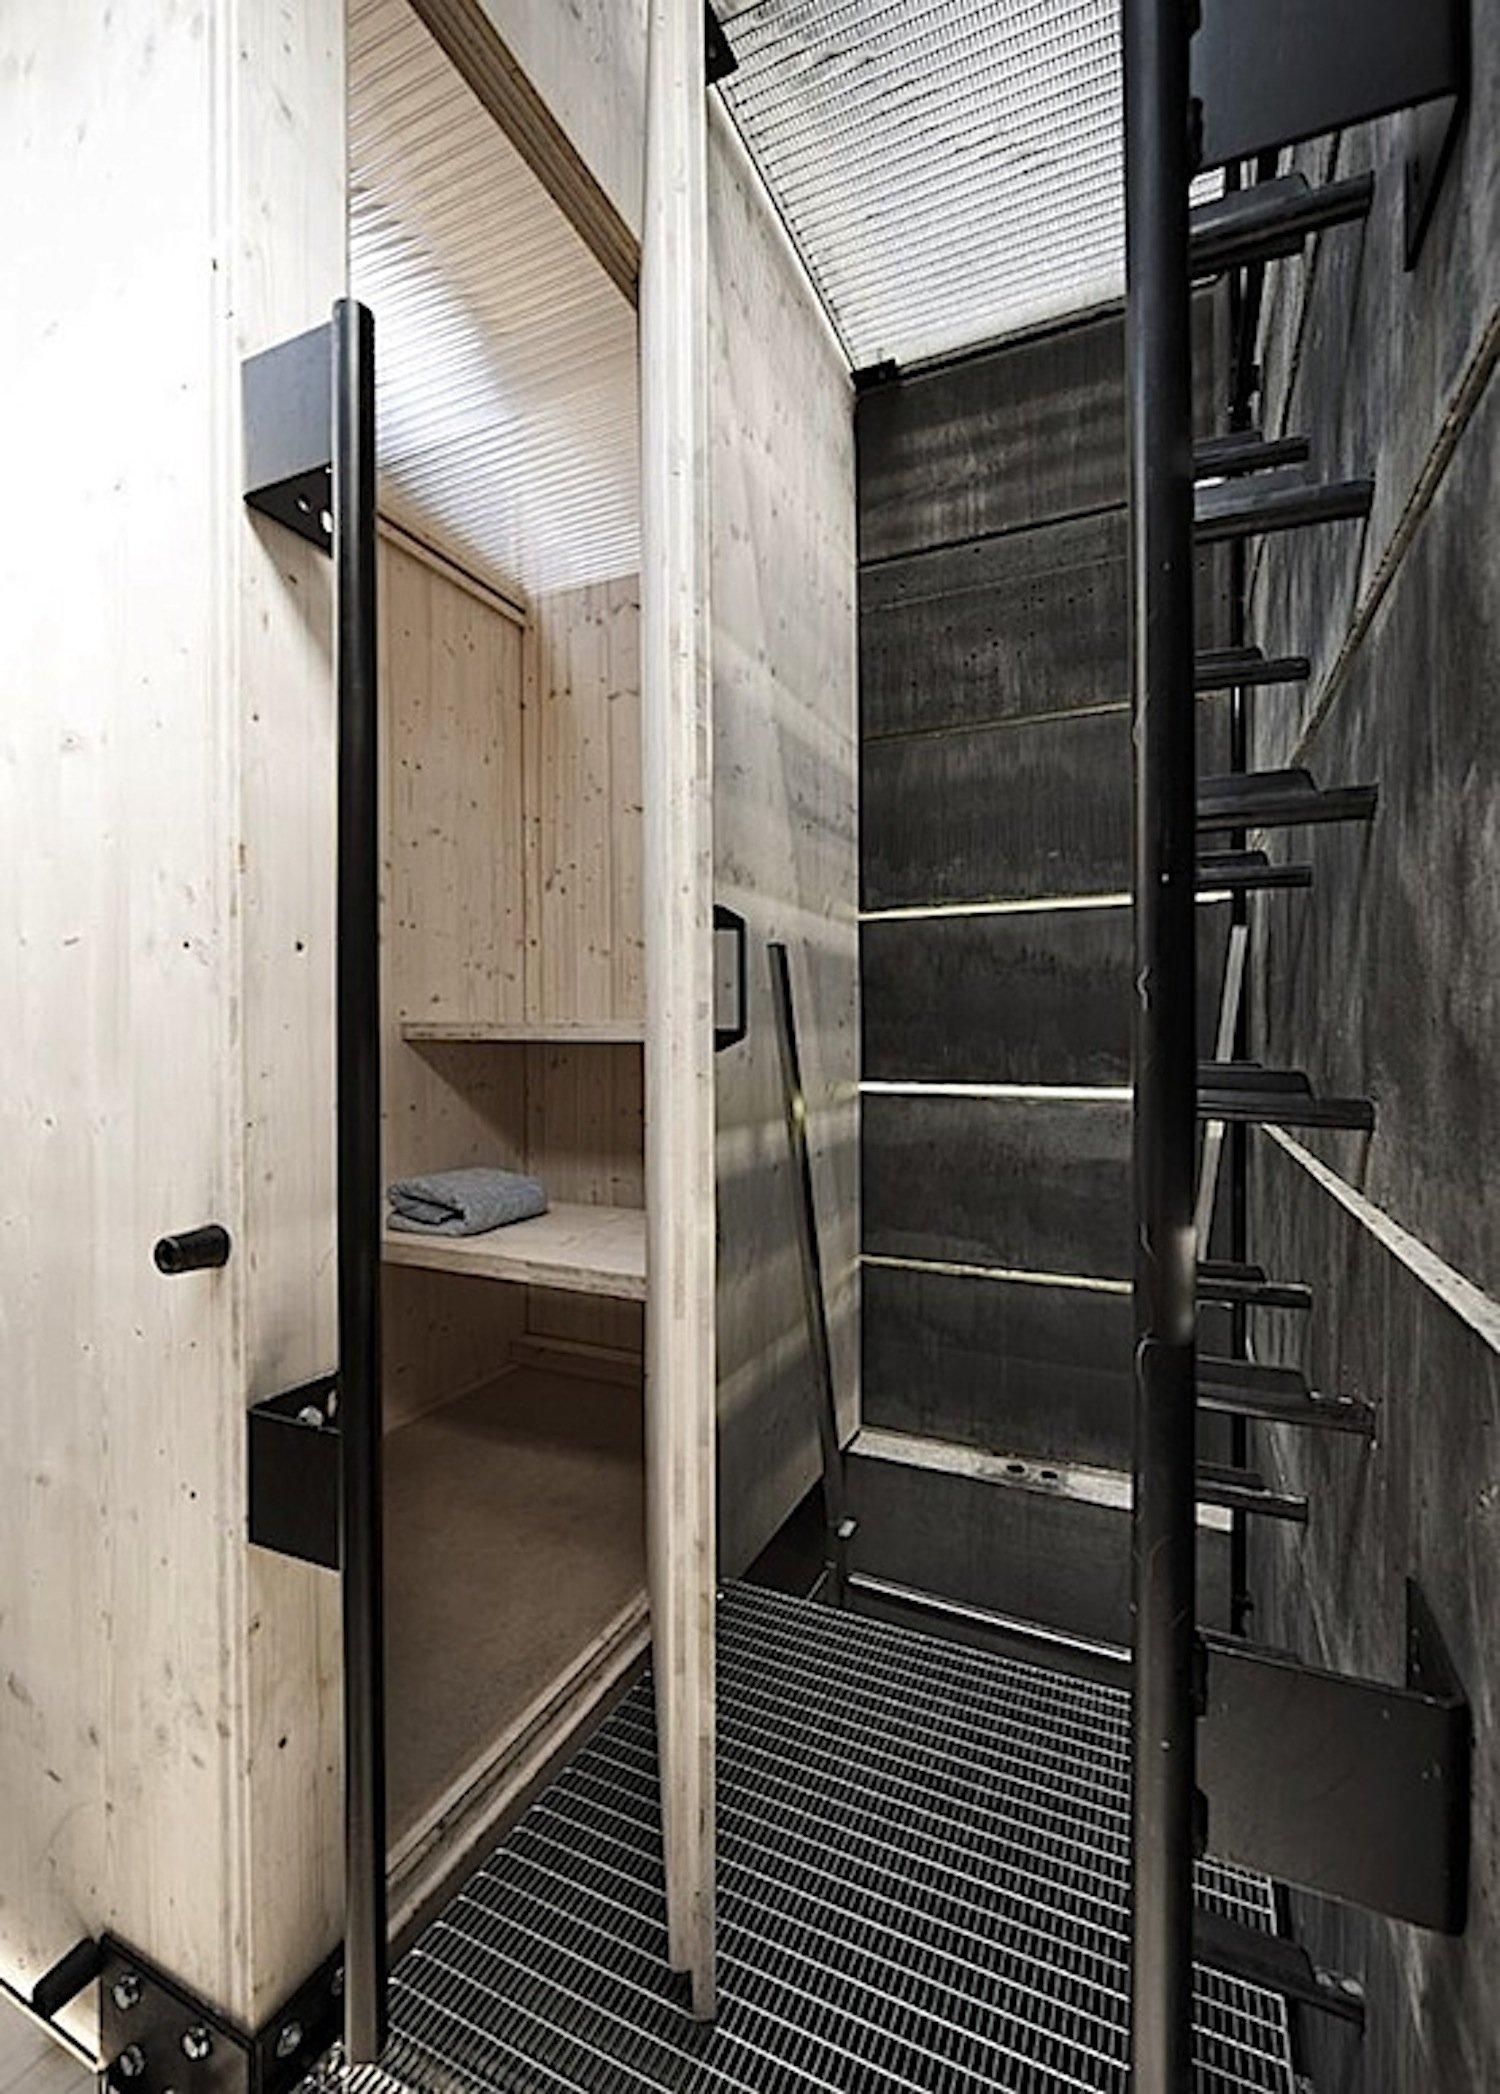 Eine Leiter führt in die erste Etage des Saunaturms. Dort befindet sich die Saunazelle.Die One-Man-Sauna konnte im Sommer 2014 auf dem ehemaligen Gelände von Krupp kostenlos für jeweils eine Stunde genutzt werden.